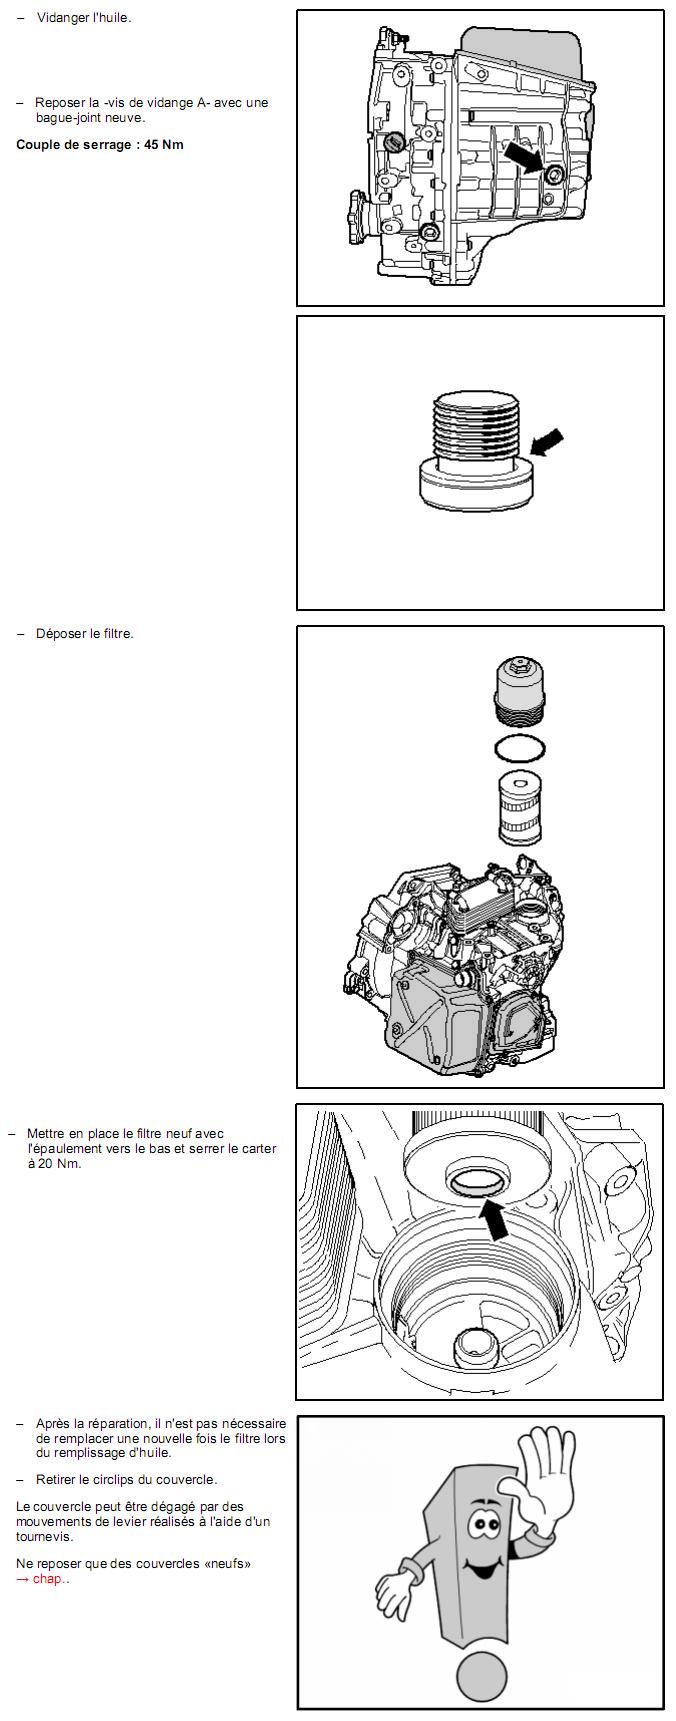 Description et Réparation - Boite DSG 02E  Dsg410